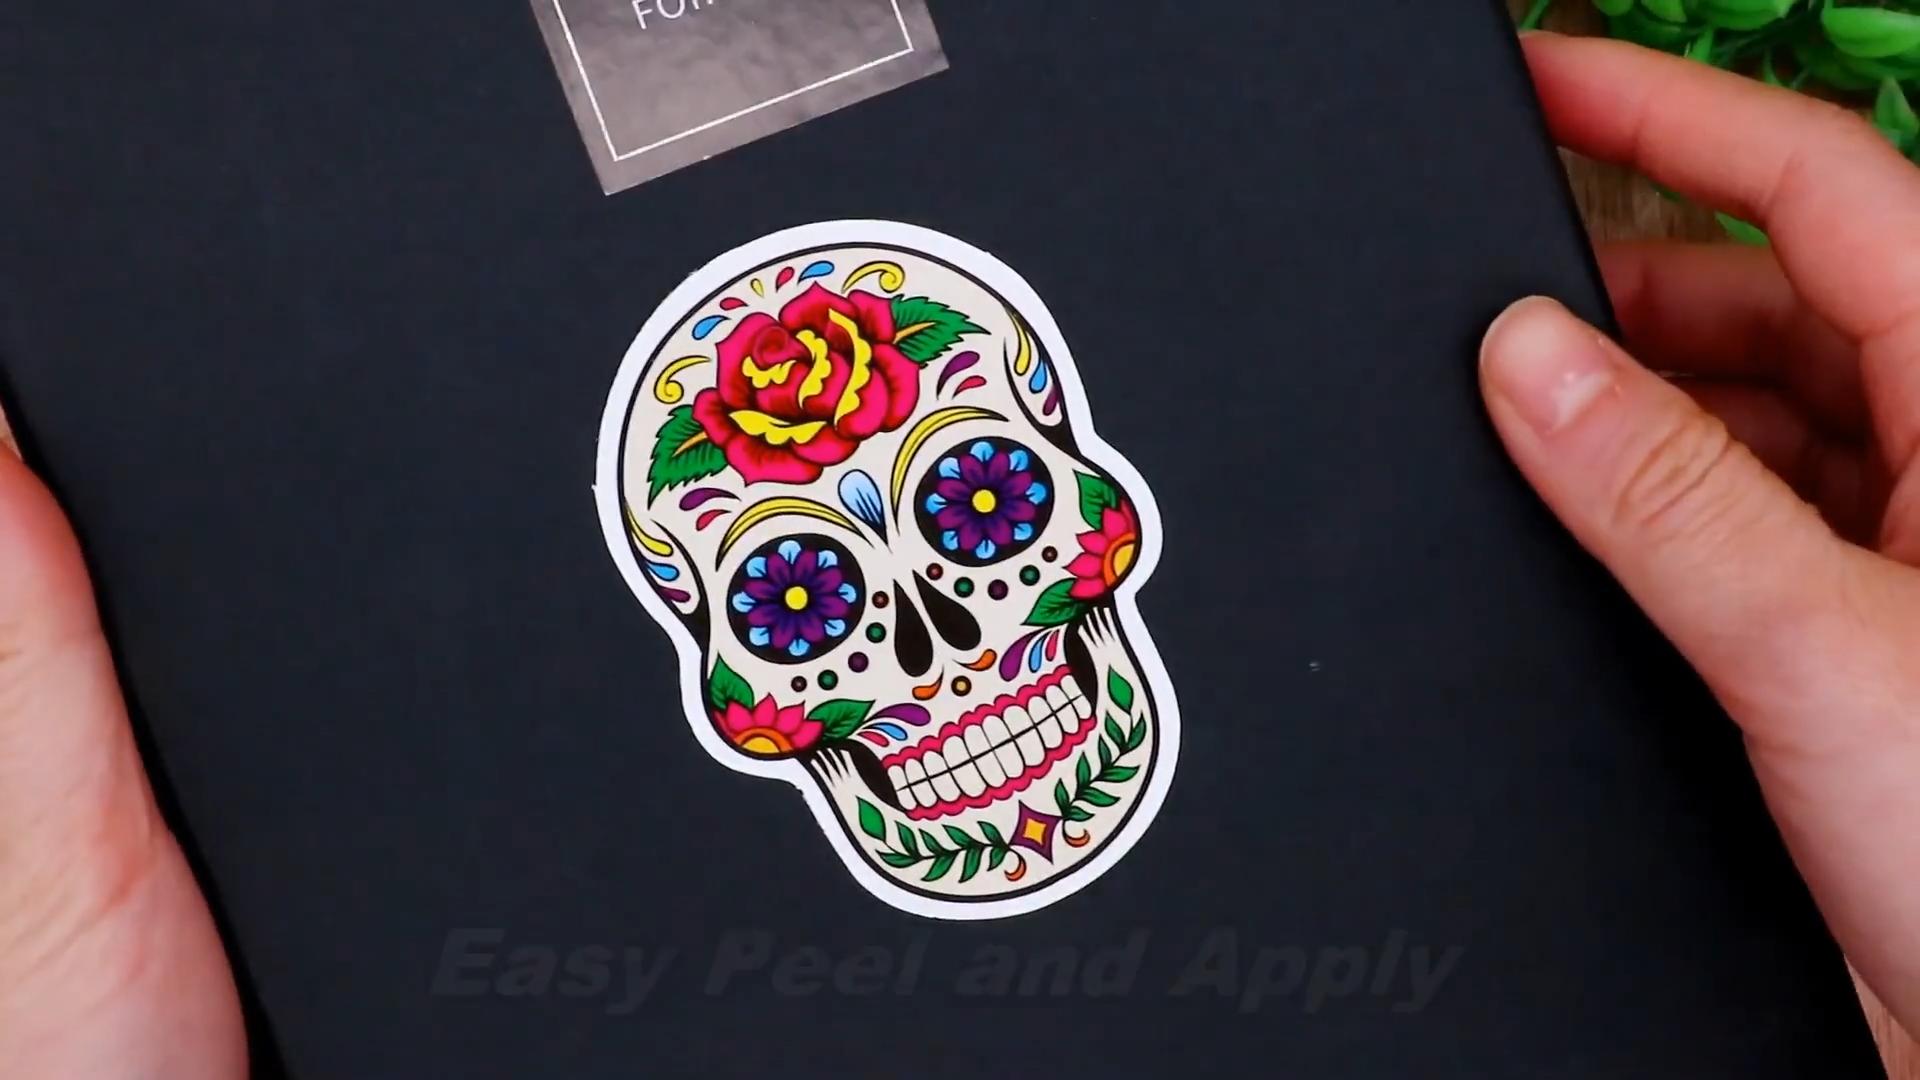 Pegatinas de esqueleto de azúcar Hybsk, calcomanías de esqueleto para ordenador portátil, Dia de Los Muertos, pegatina mexicana del Día de Los Muertos